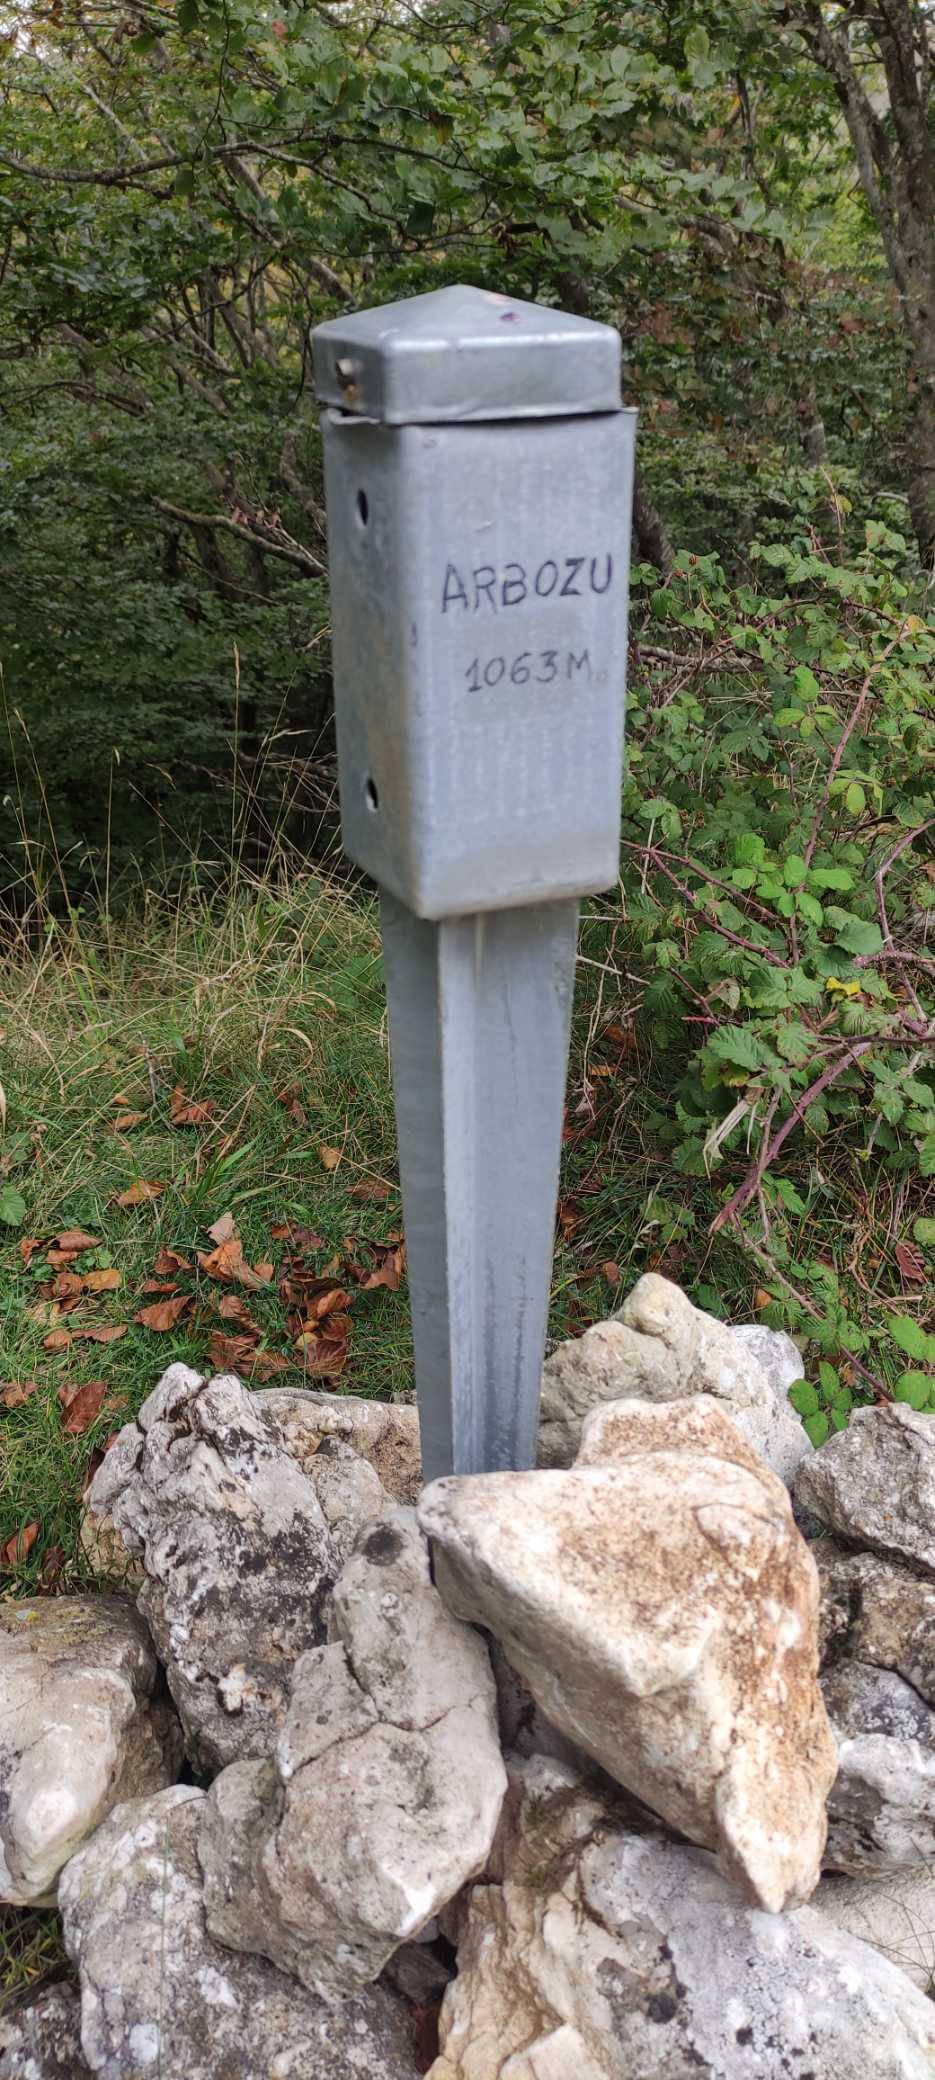 Benito Kamela erabiltzailea Arbozu puntan, 2021-10-09 13:01